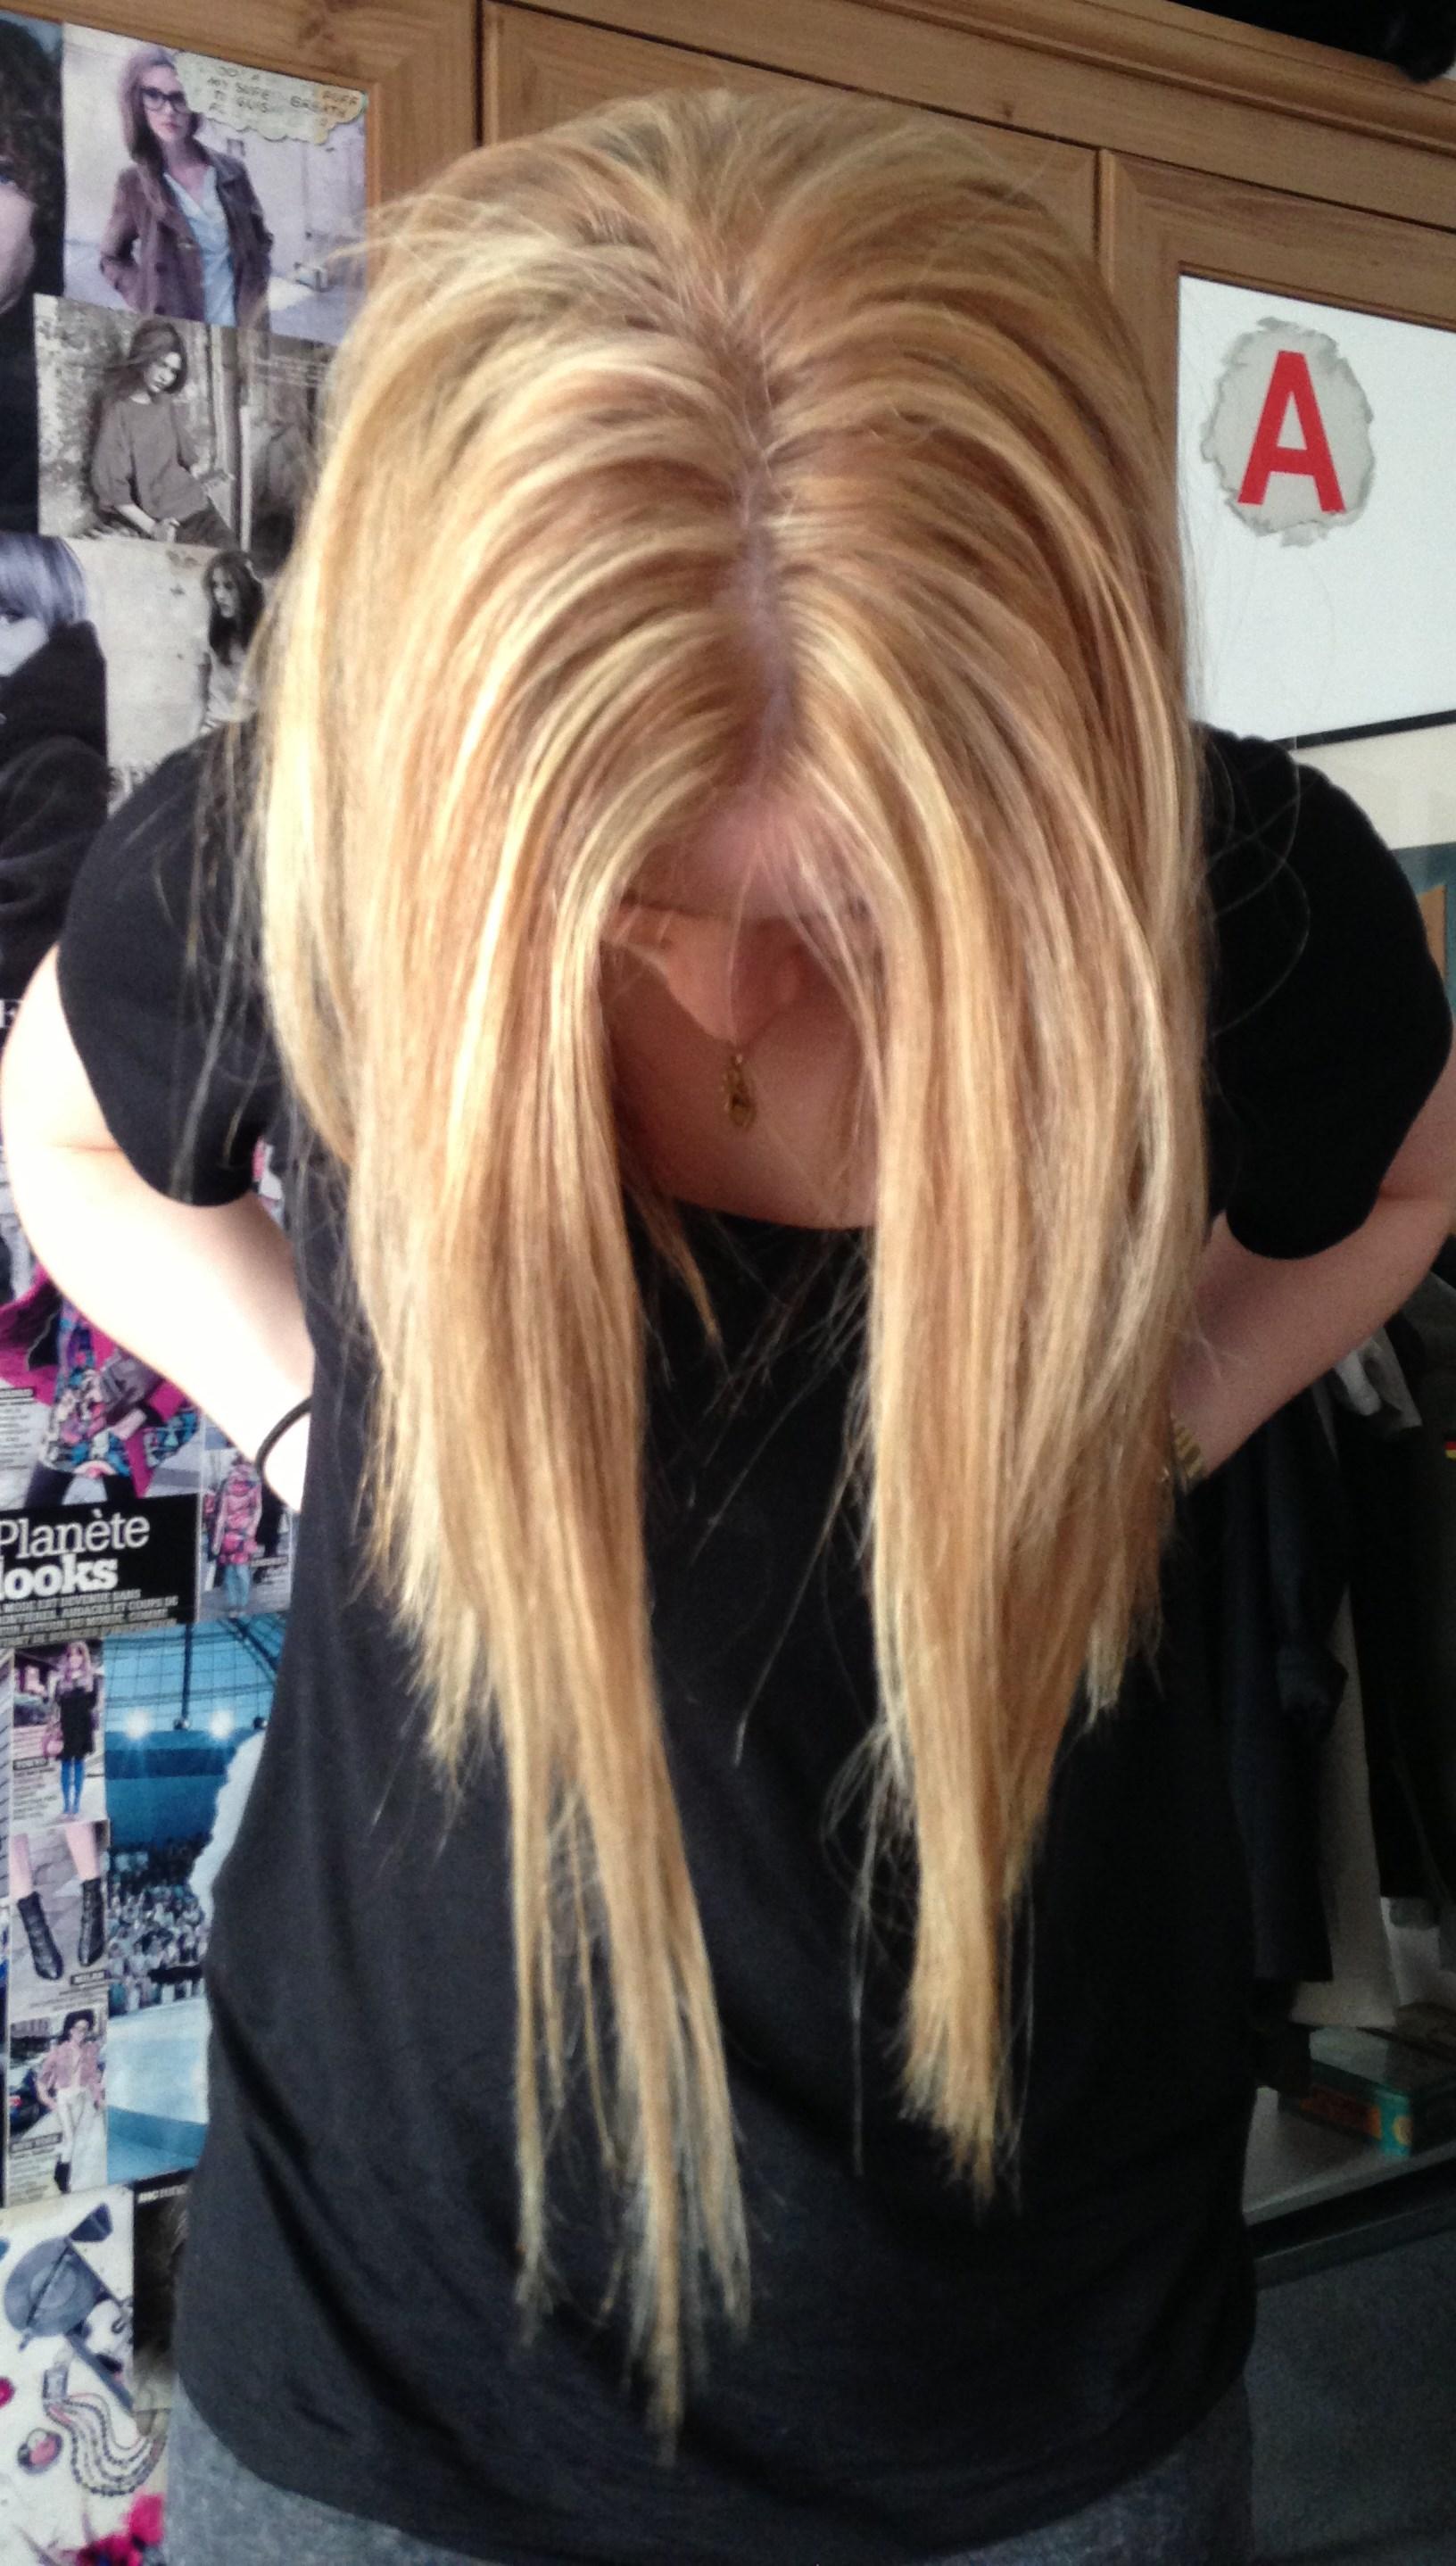 Couleur de cheveux pour enlever le roux